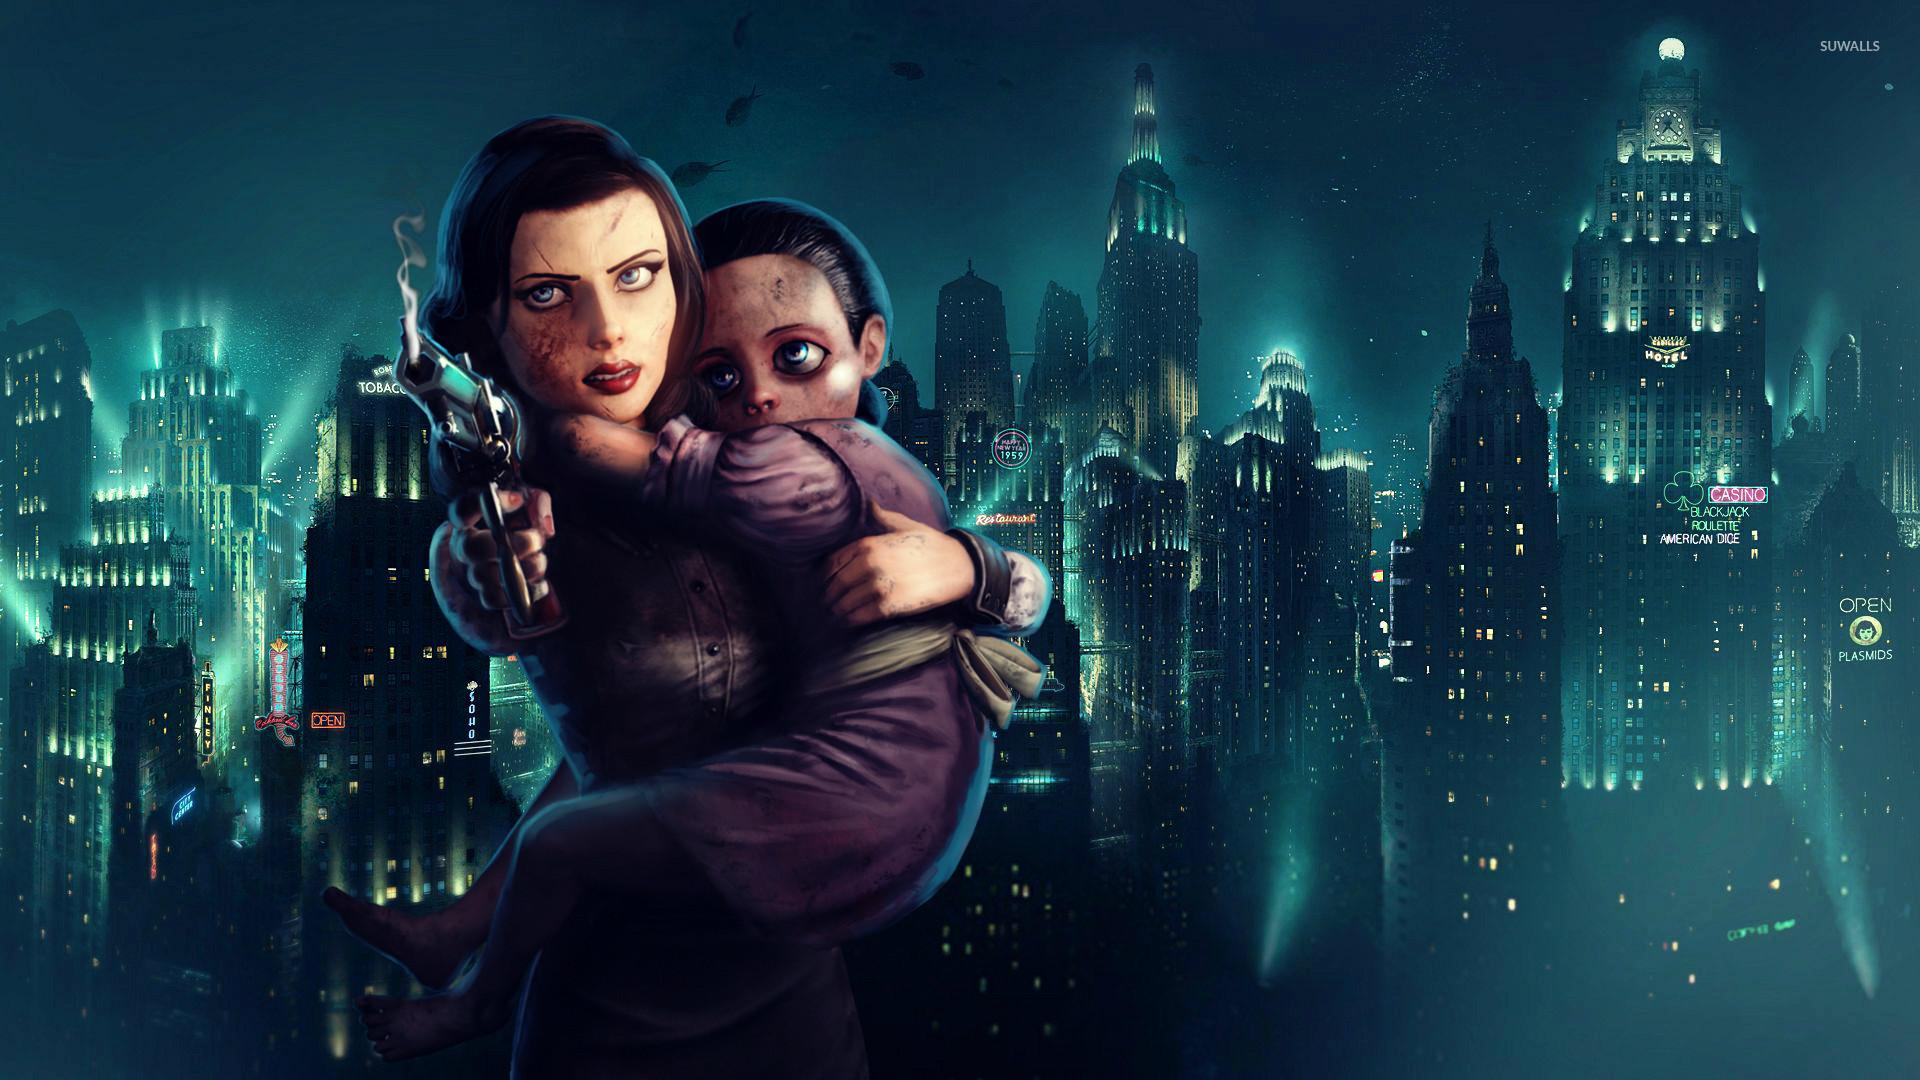 BioShock Infinite: Burial at Sea [3] wallpaper jpg